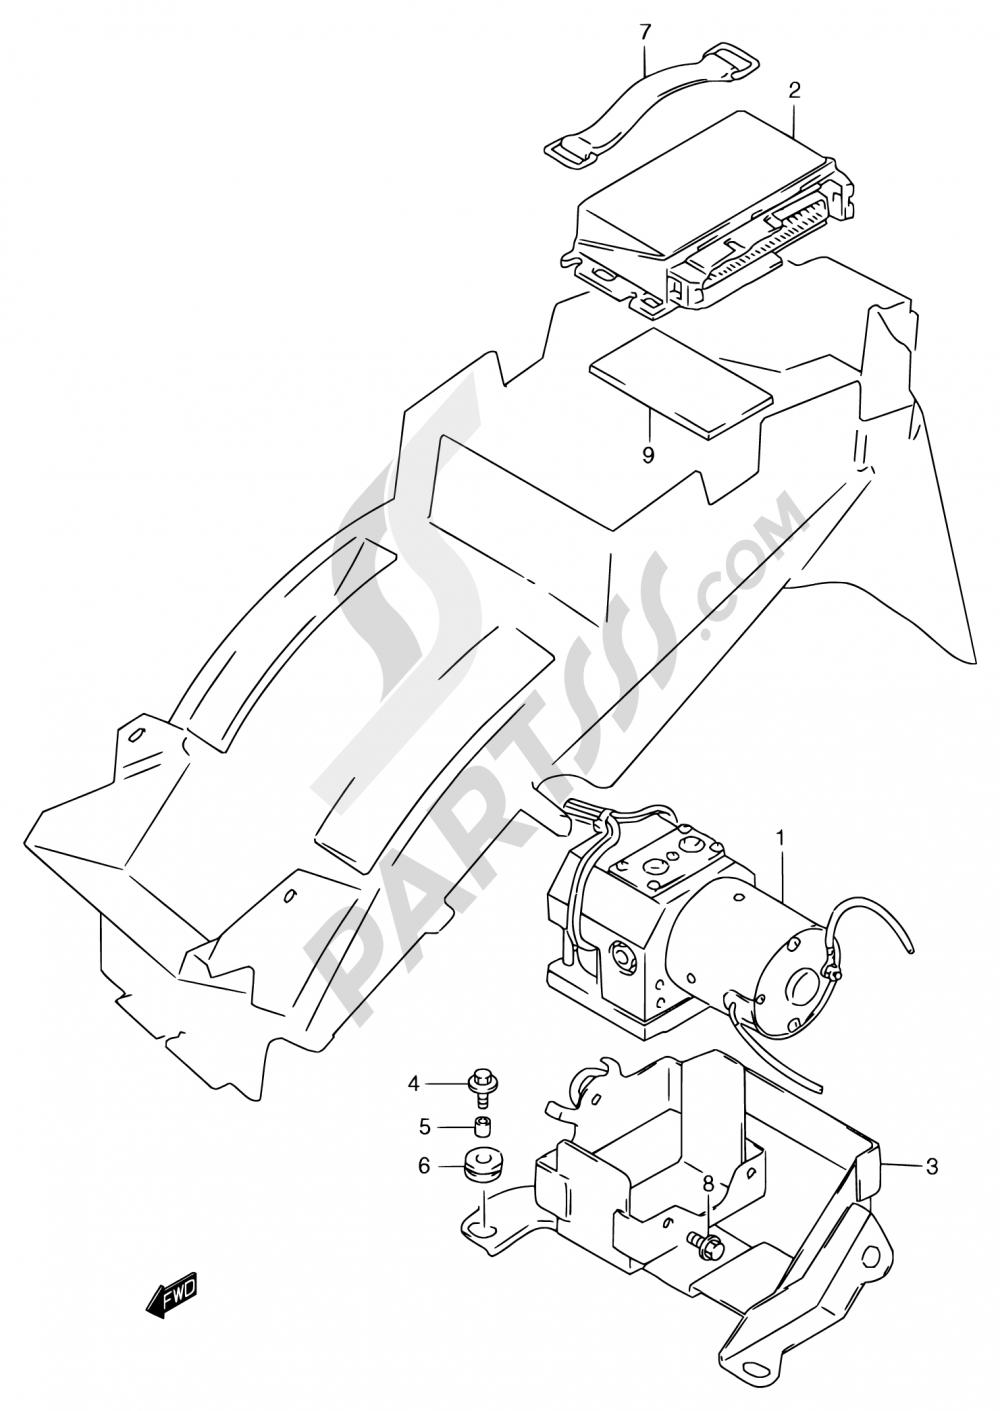 51 - HYDRAULIC UNIT (GSF1200SAV/SAW/SAX/SAY) Suzuki BANDIT GSF1200 1998